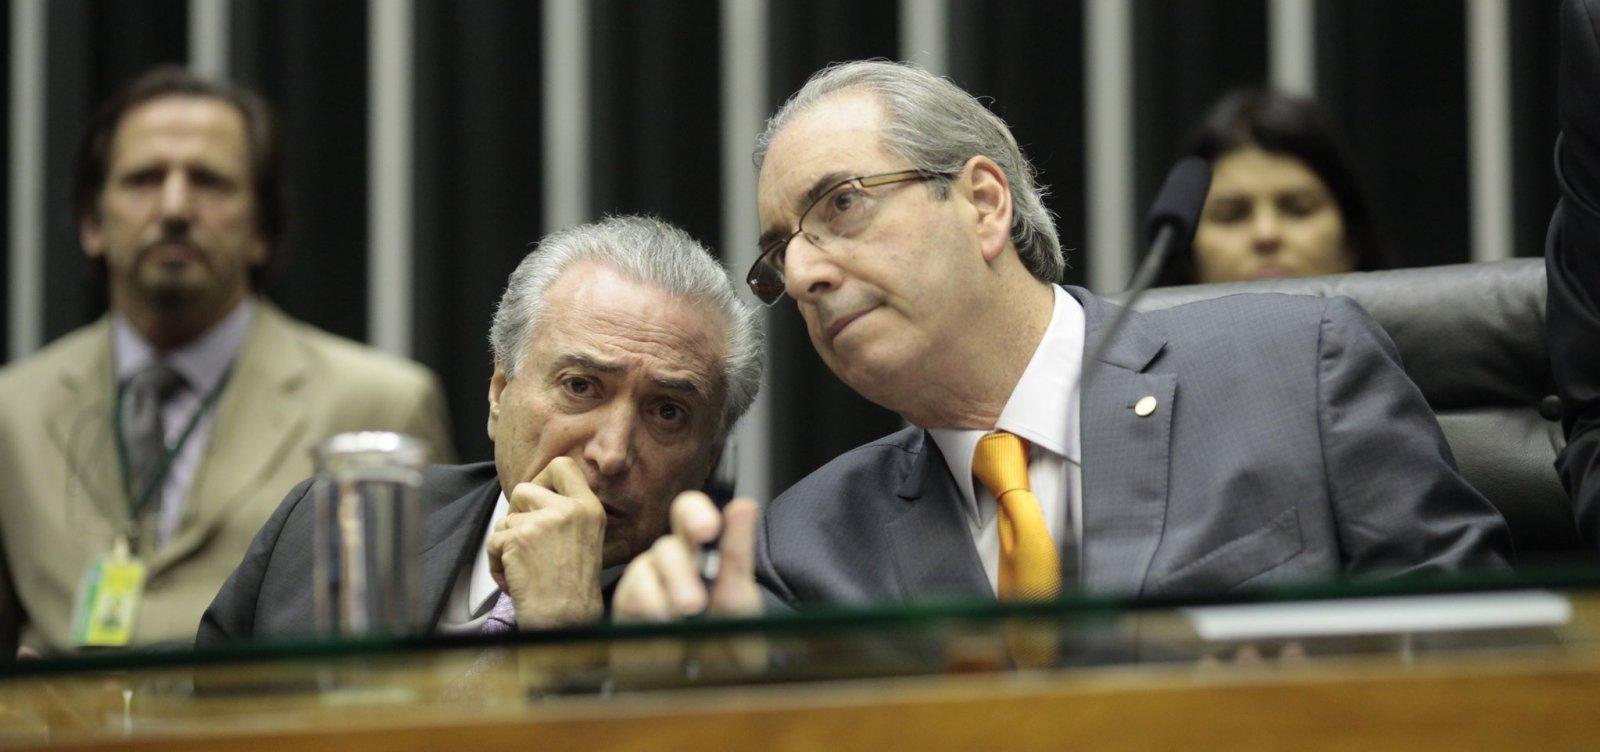 [Cunha diz em livro que Temer 'lutou de todas as maneiras' para derrubar Dilma]